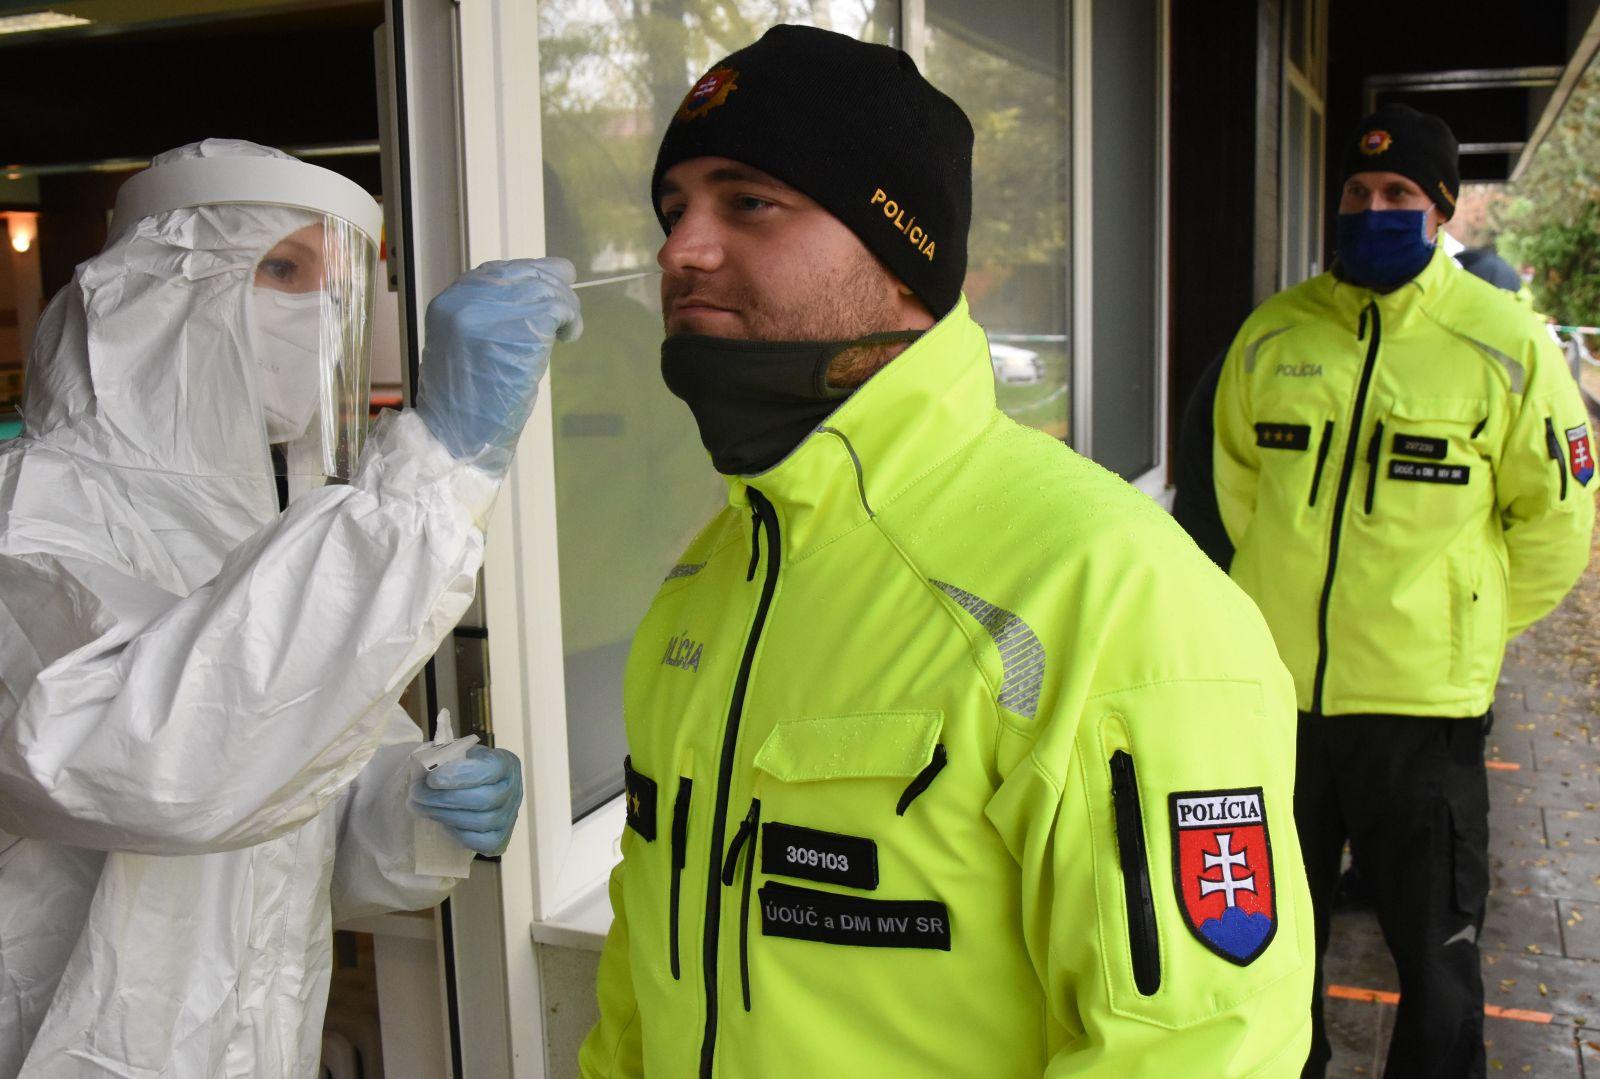 Hlavný hygienik Slovenskej republiky Ján Mikas vníma celoplošné testovanie z epidemiologického hľadiska ako užitočné